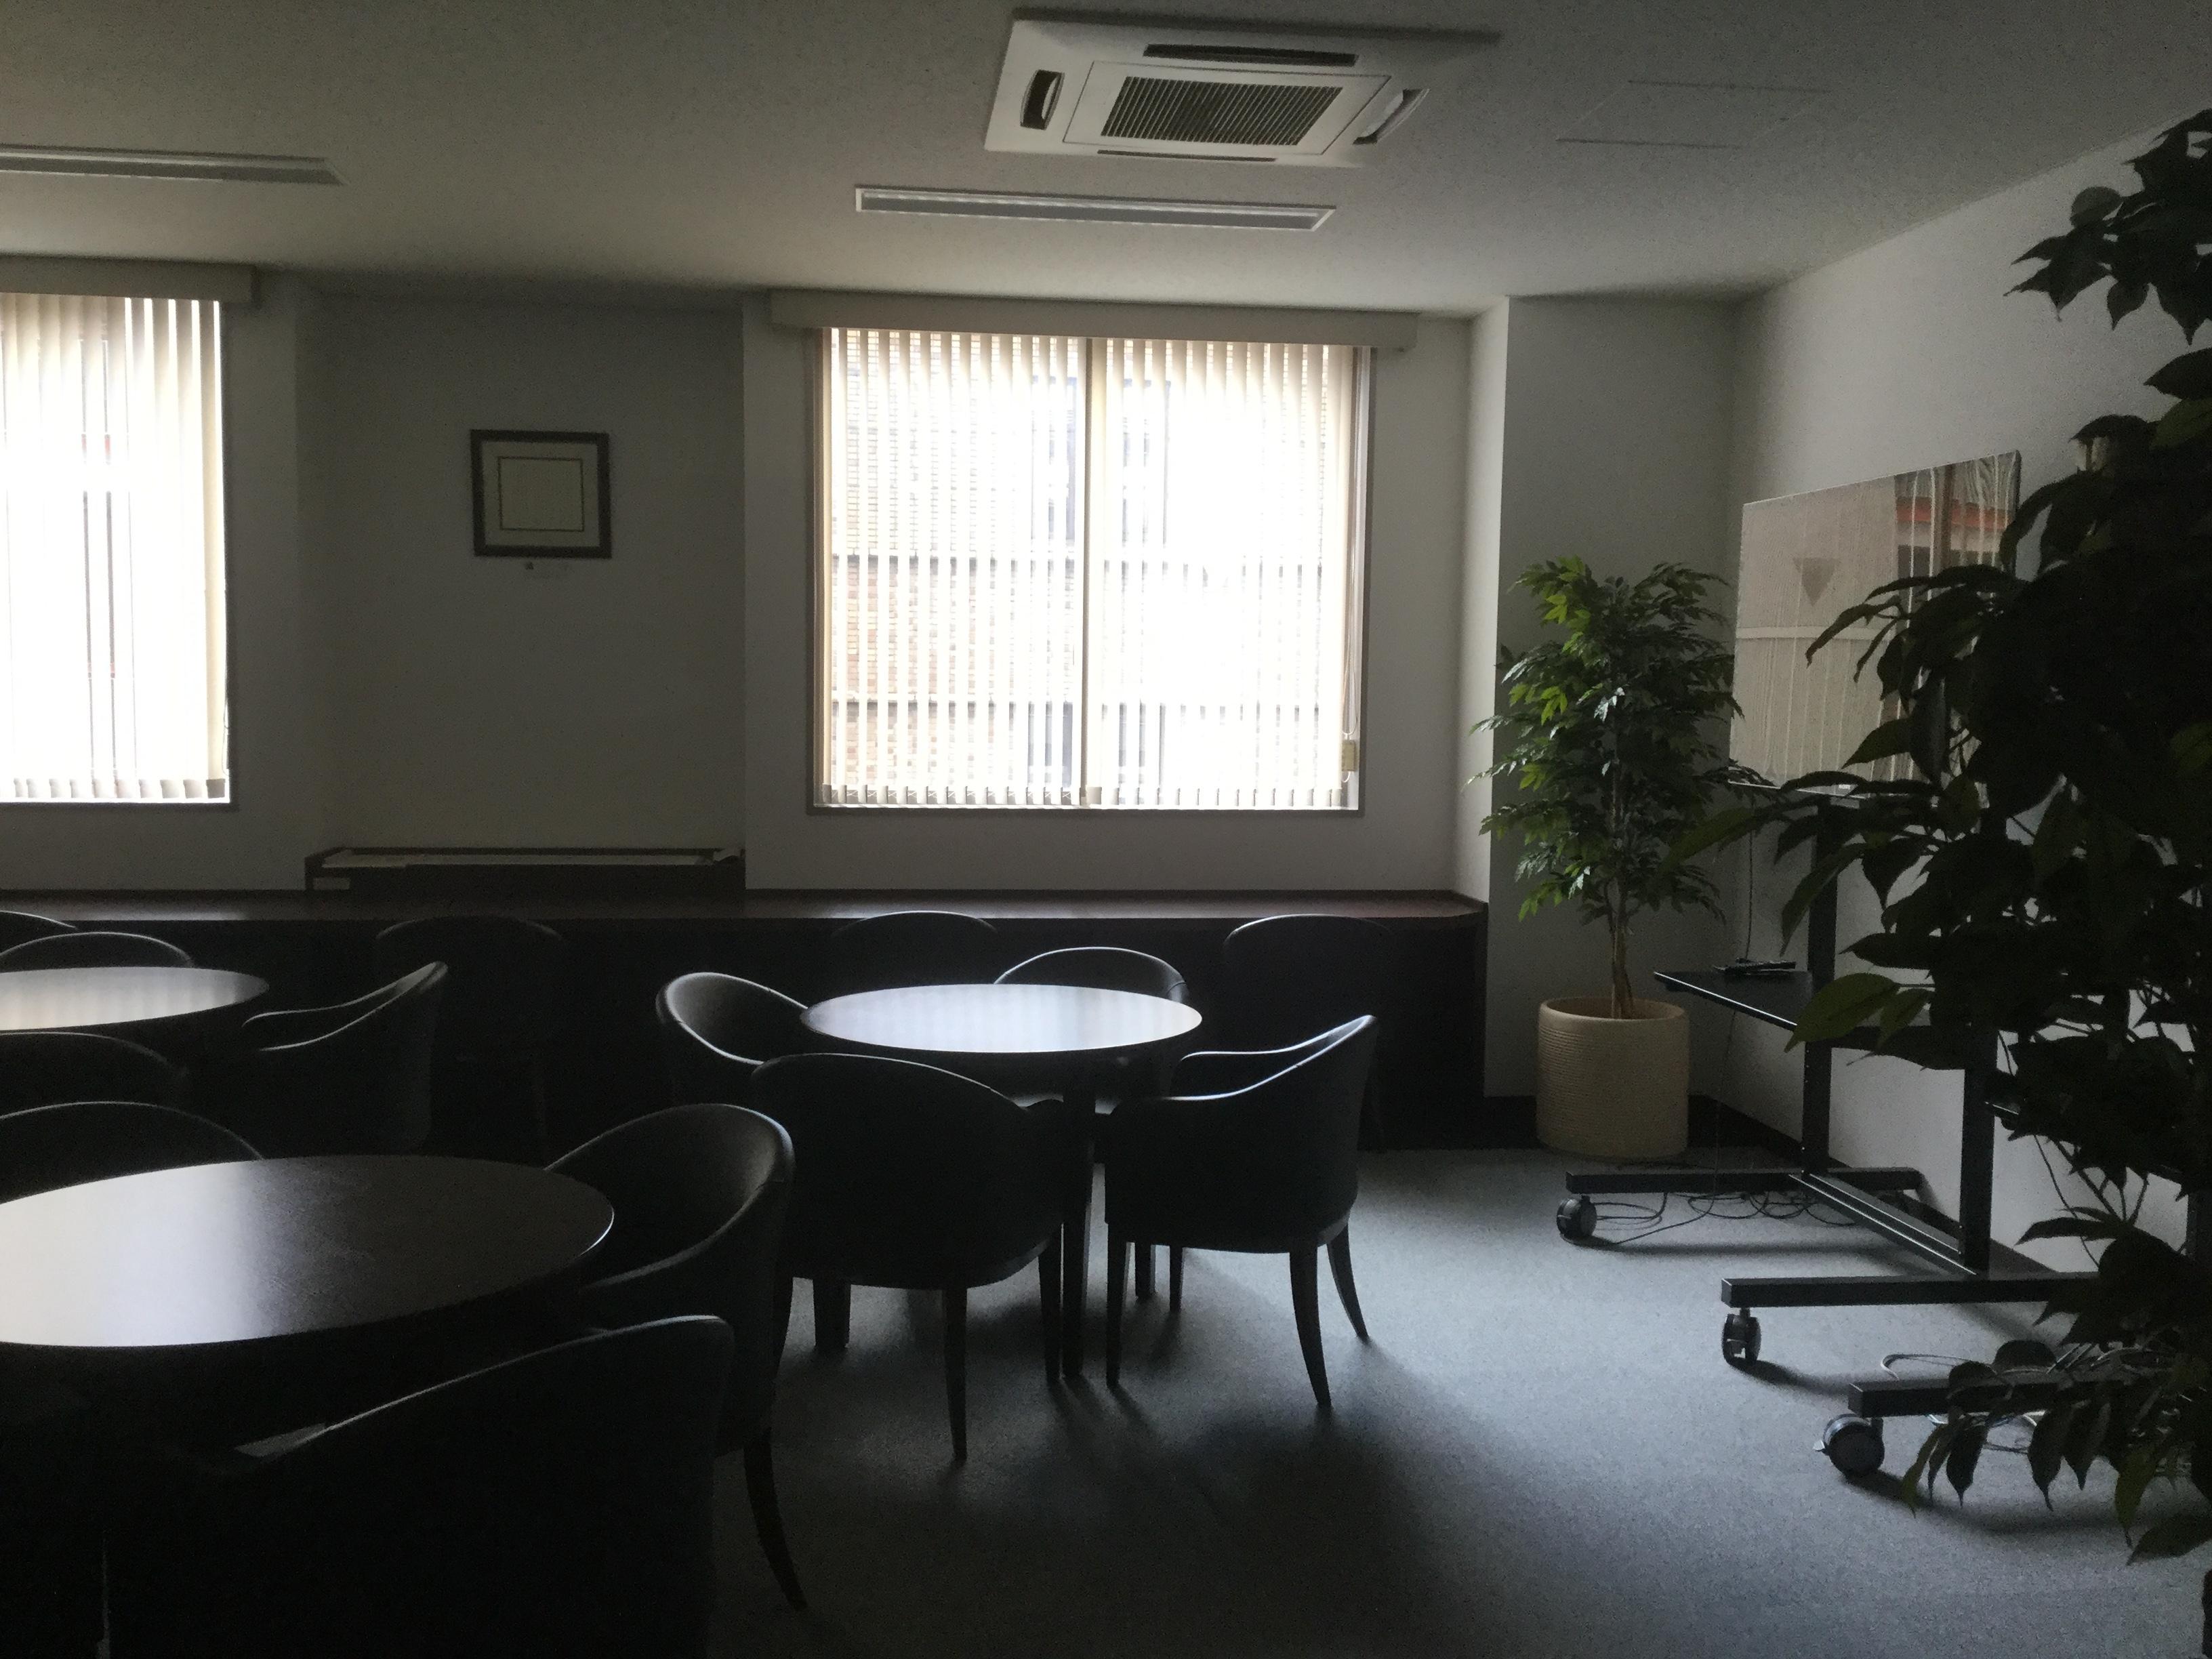 ビジネスの椅子と机の写真です。